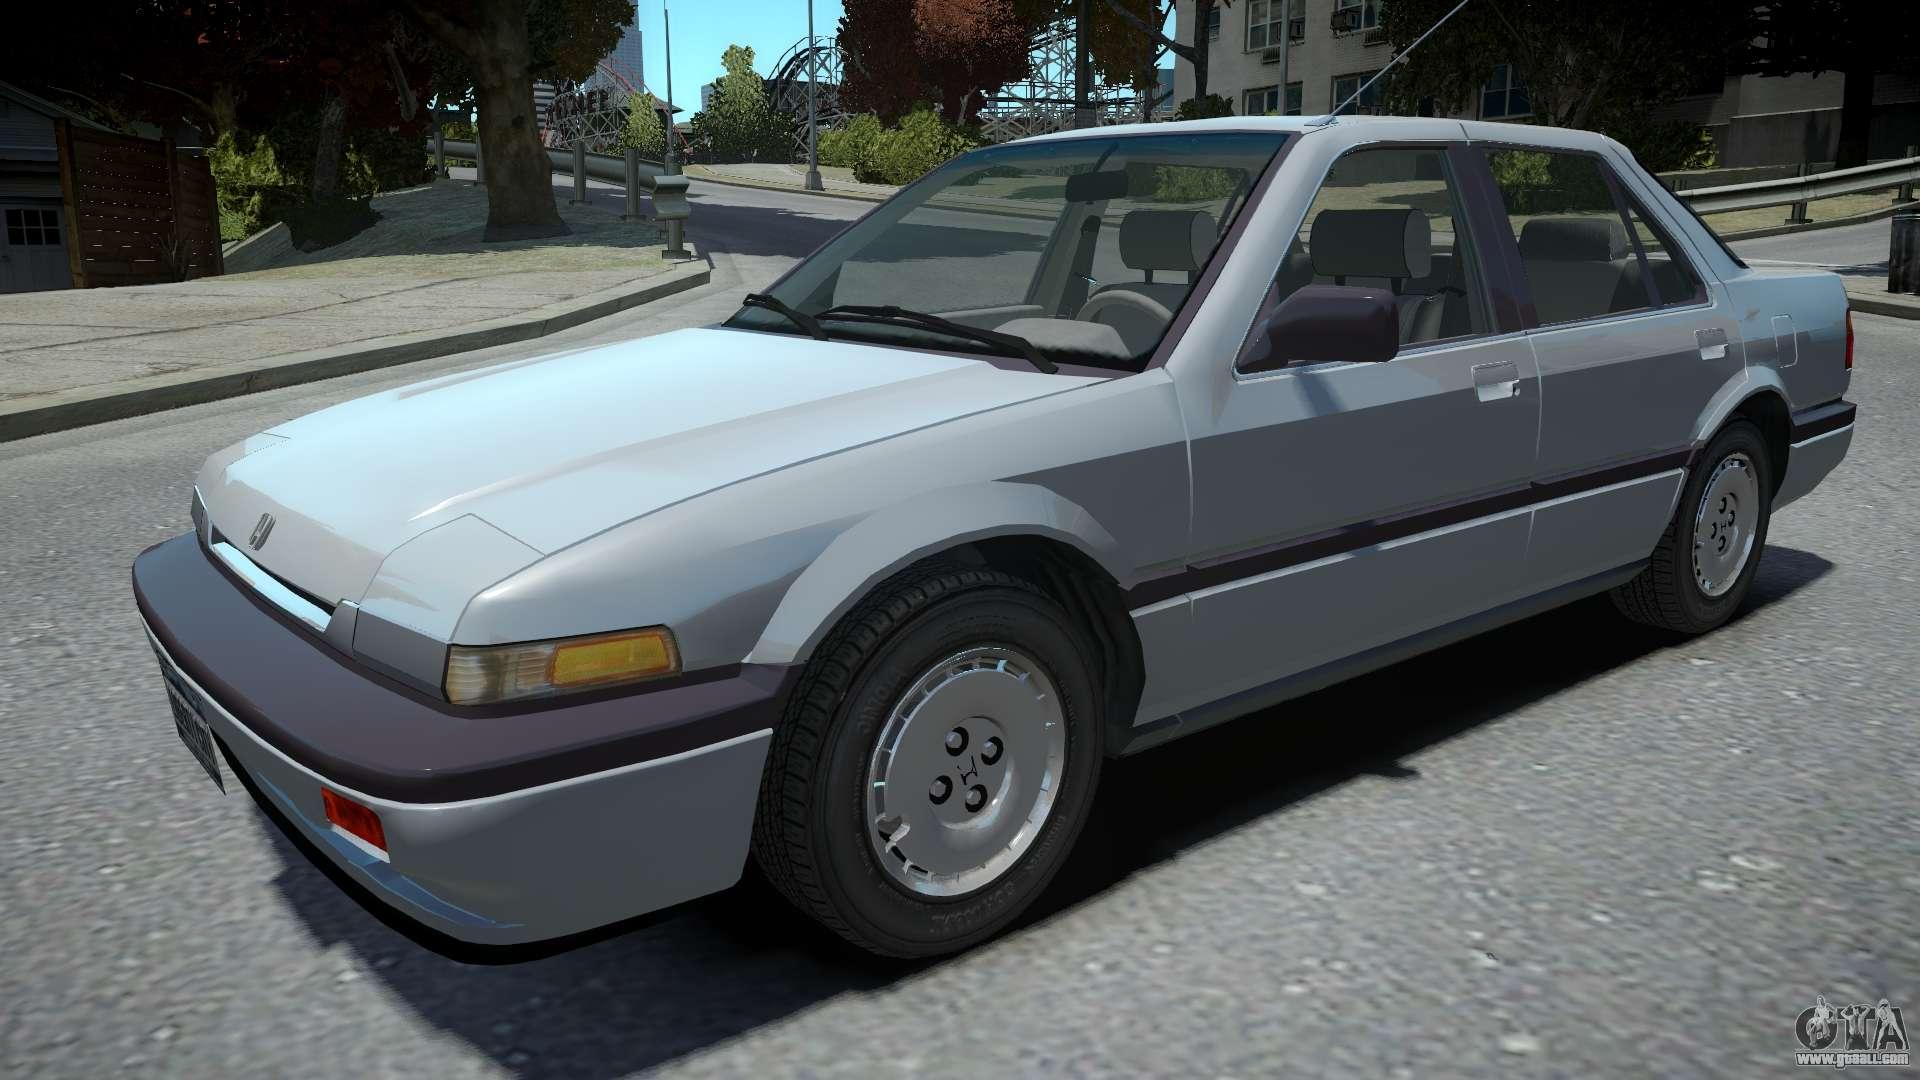 Kelebihan Kekurangan Honda Accord 1986 Spesifikasi